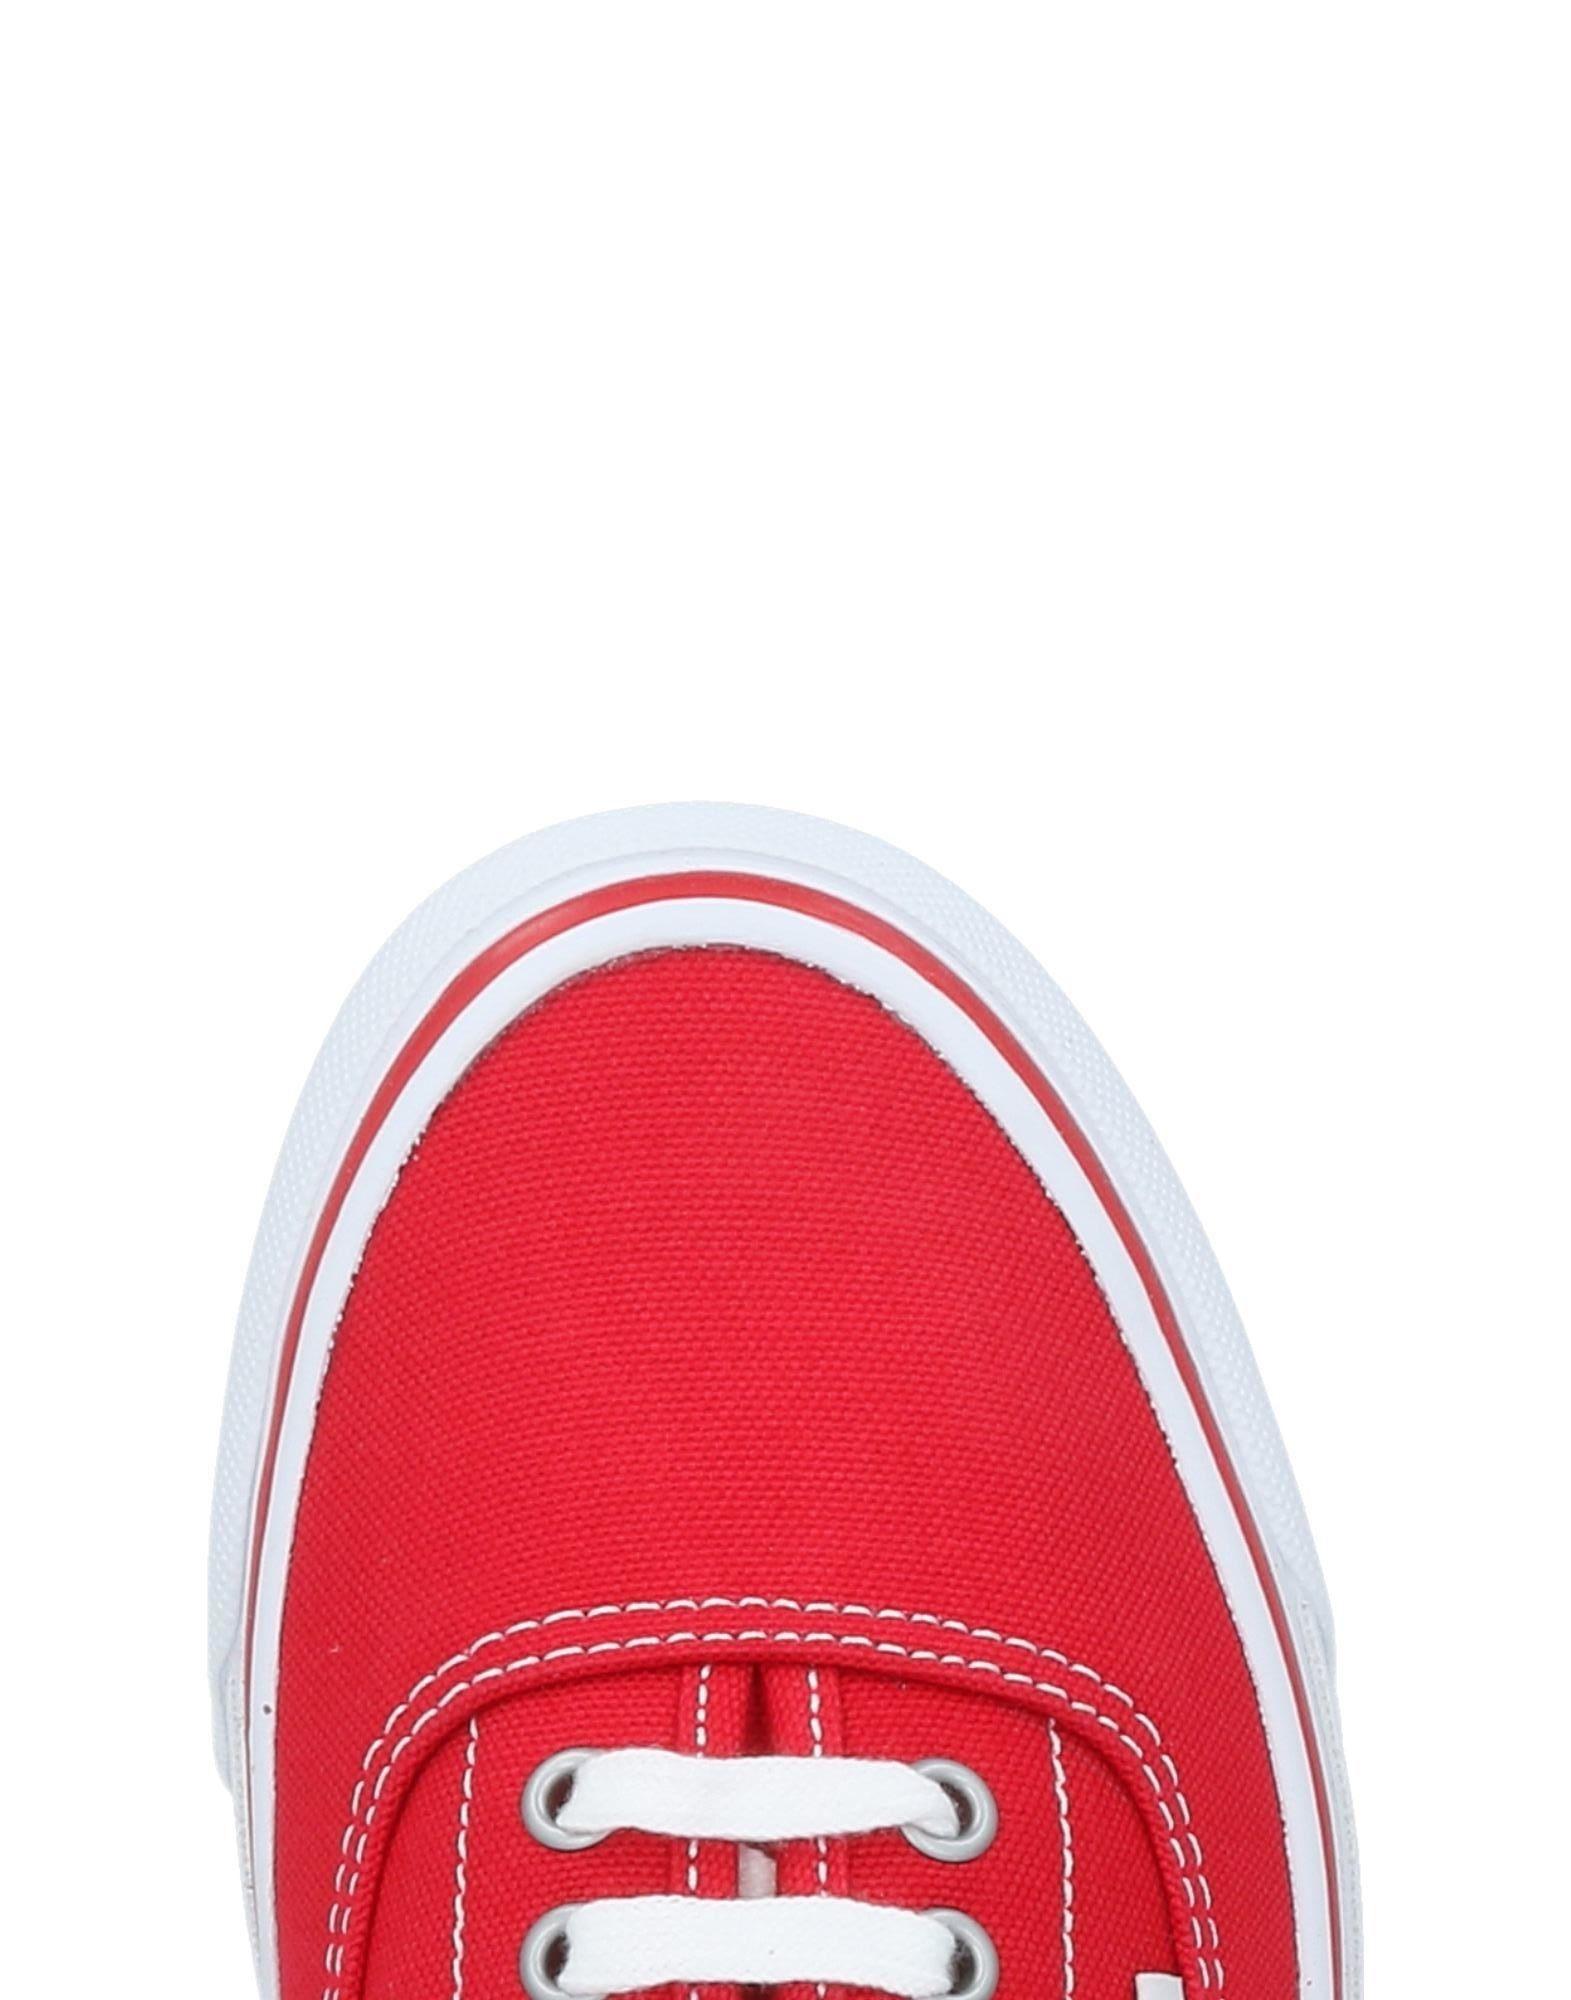 Vans Sneakers Sneakers Sneakers Damen Gutes Preis-Leistungs-Verhältnis, es lohnt sich 5ecb6b